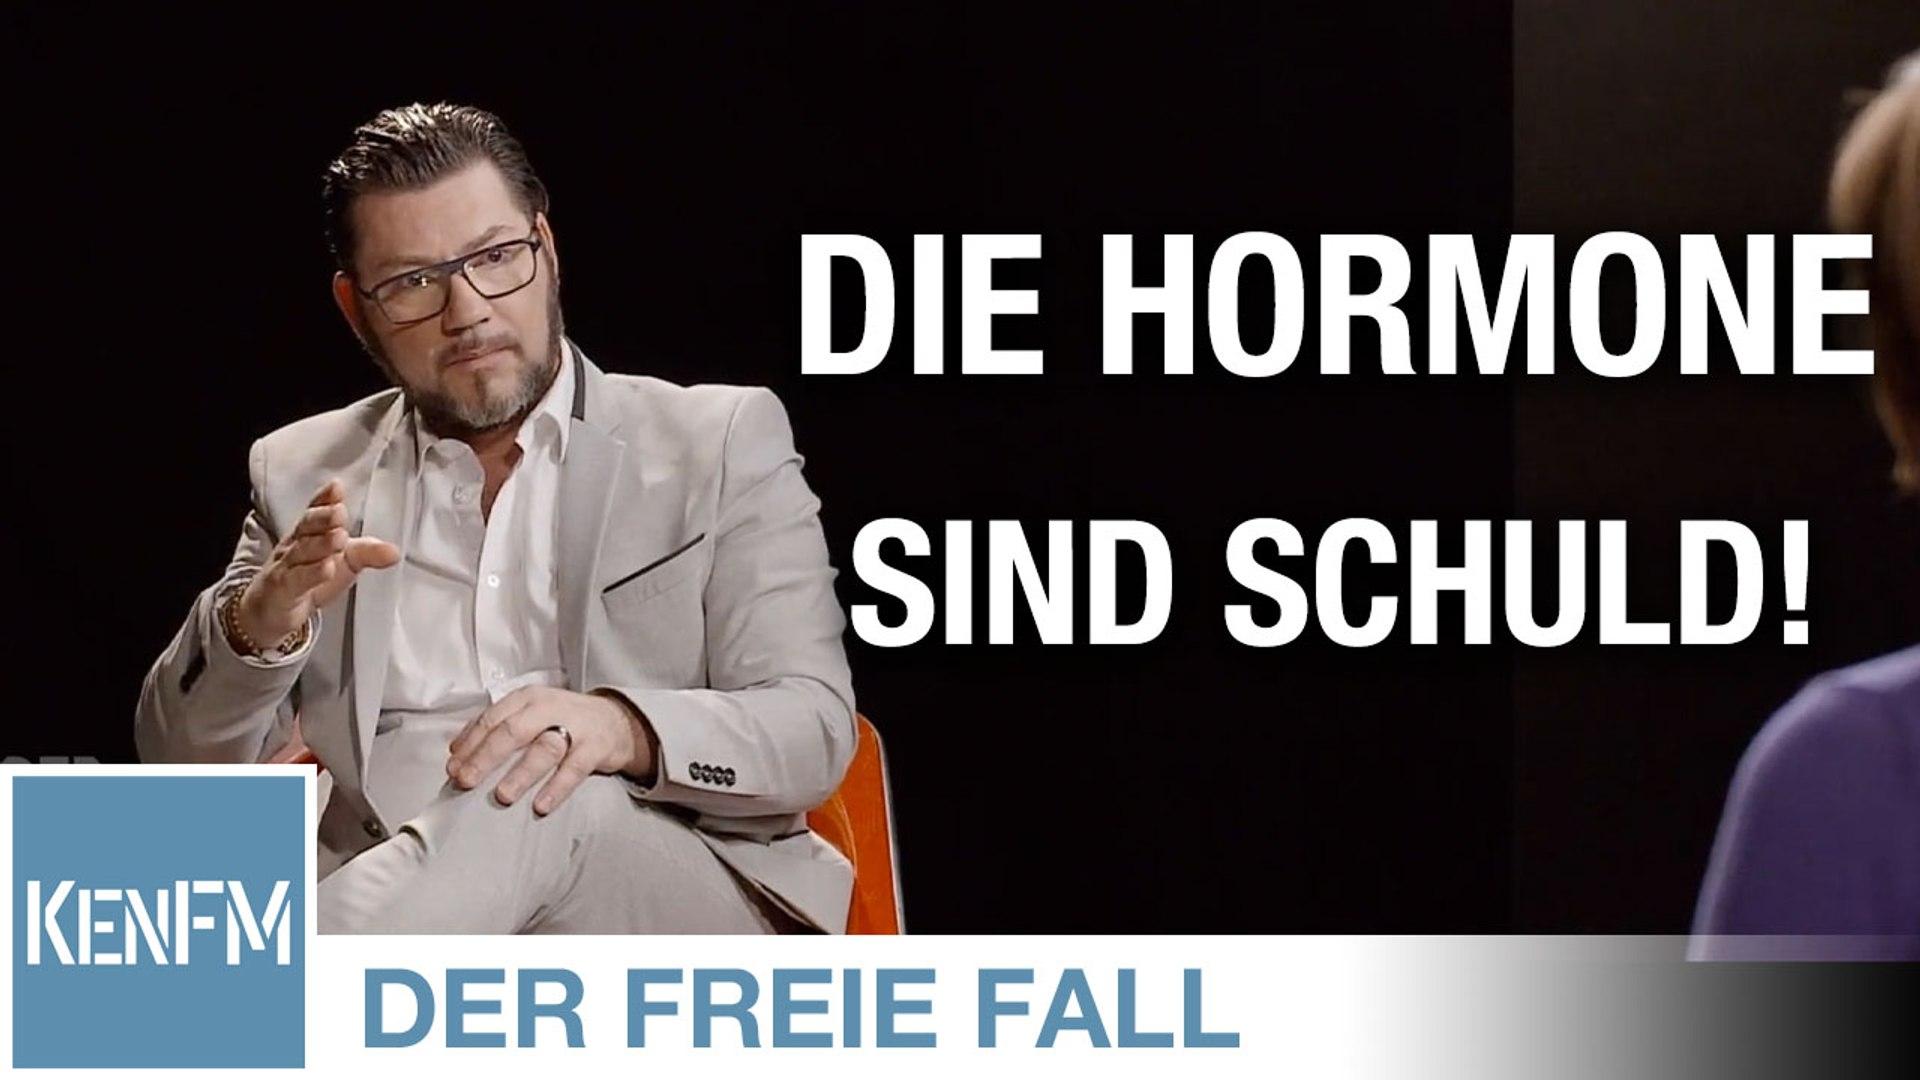 Hans-Peter-Reinhardt - Die Hormone sind schuld